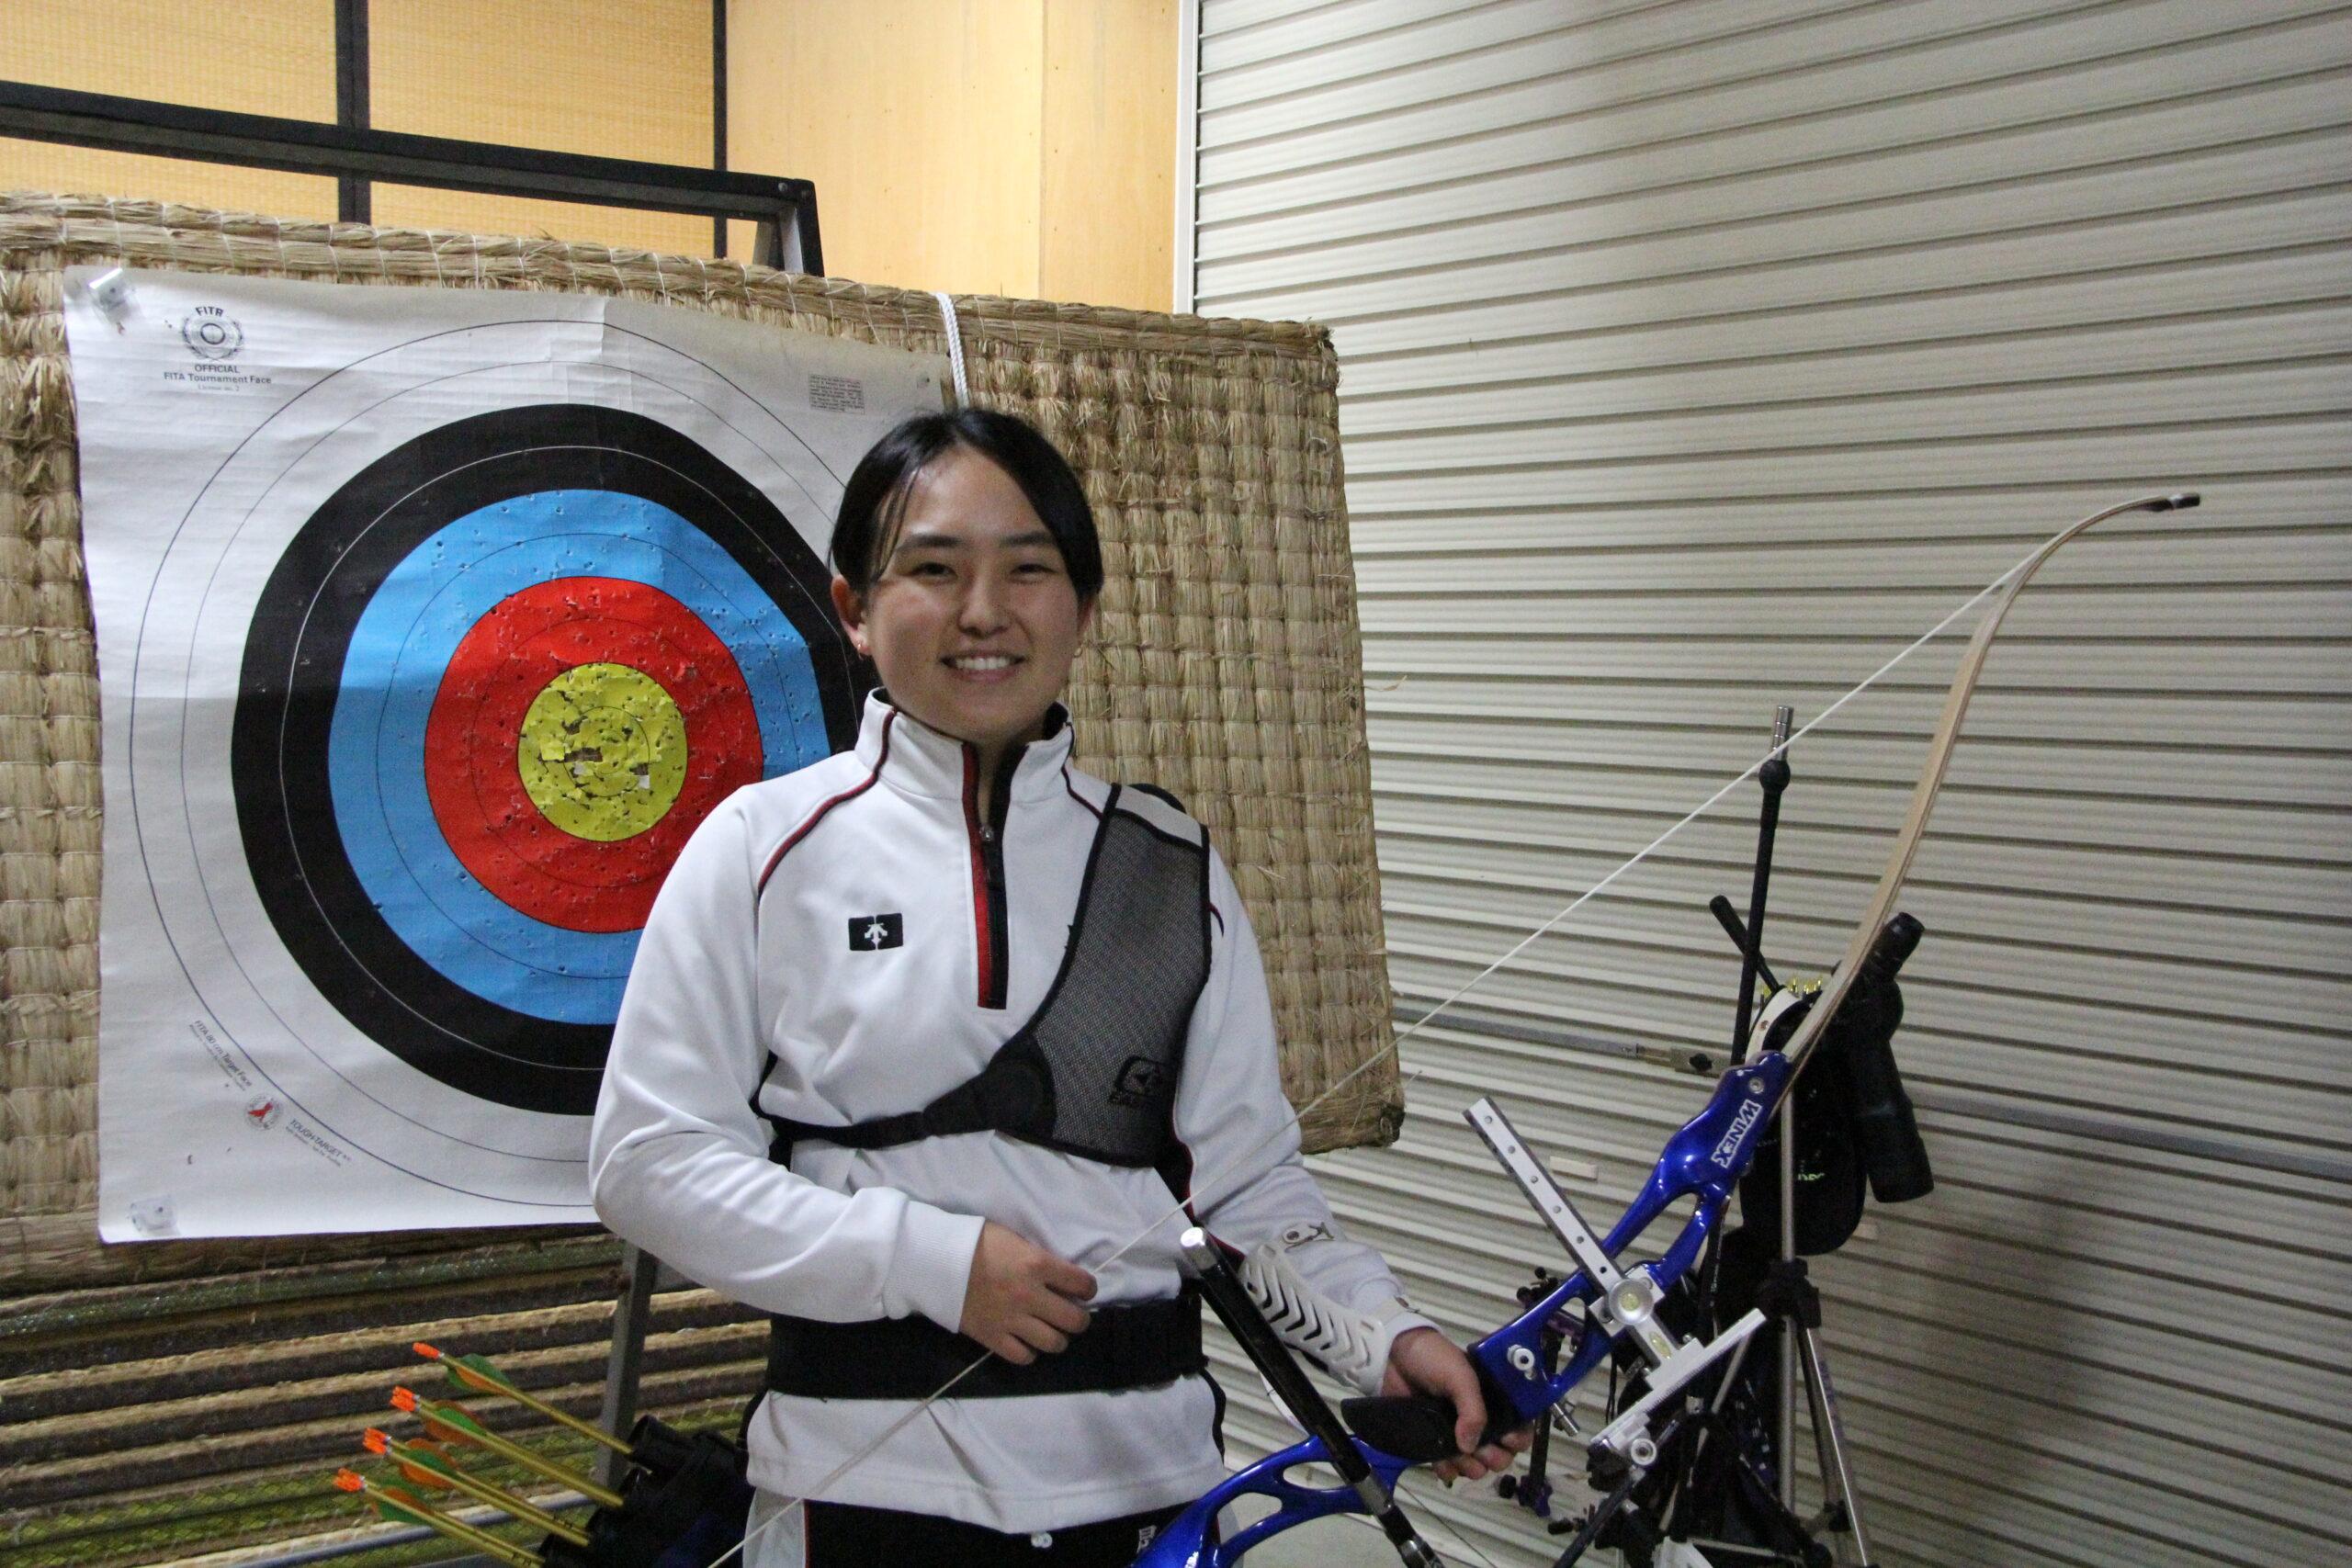 【敬和スポーツ】第39回北信越学生アーチェリー新人選手権大会の新人女子の部で優勝しました